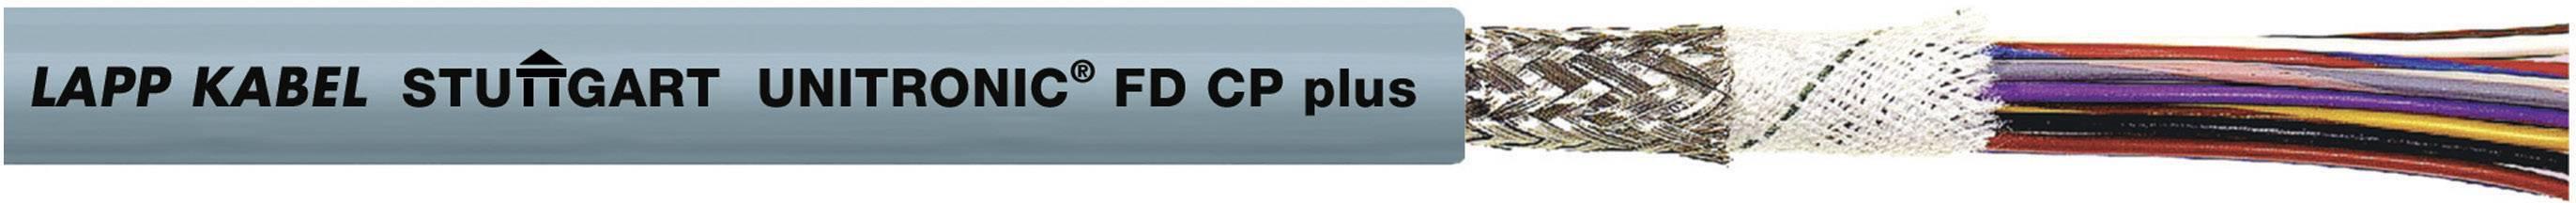 Datový kabel LappKabel UNITRONIC FD CP PLUS 5X0,34 (0028901), 5x 0,34 mm², Ø 6,5 mm, stíněný, 100 m, šedá